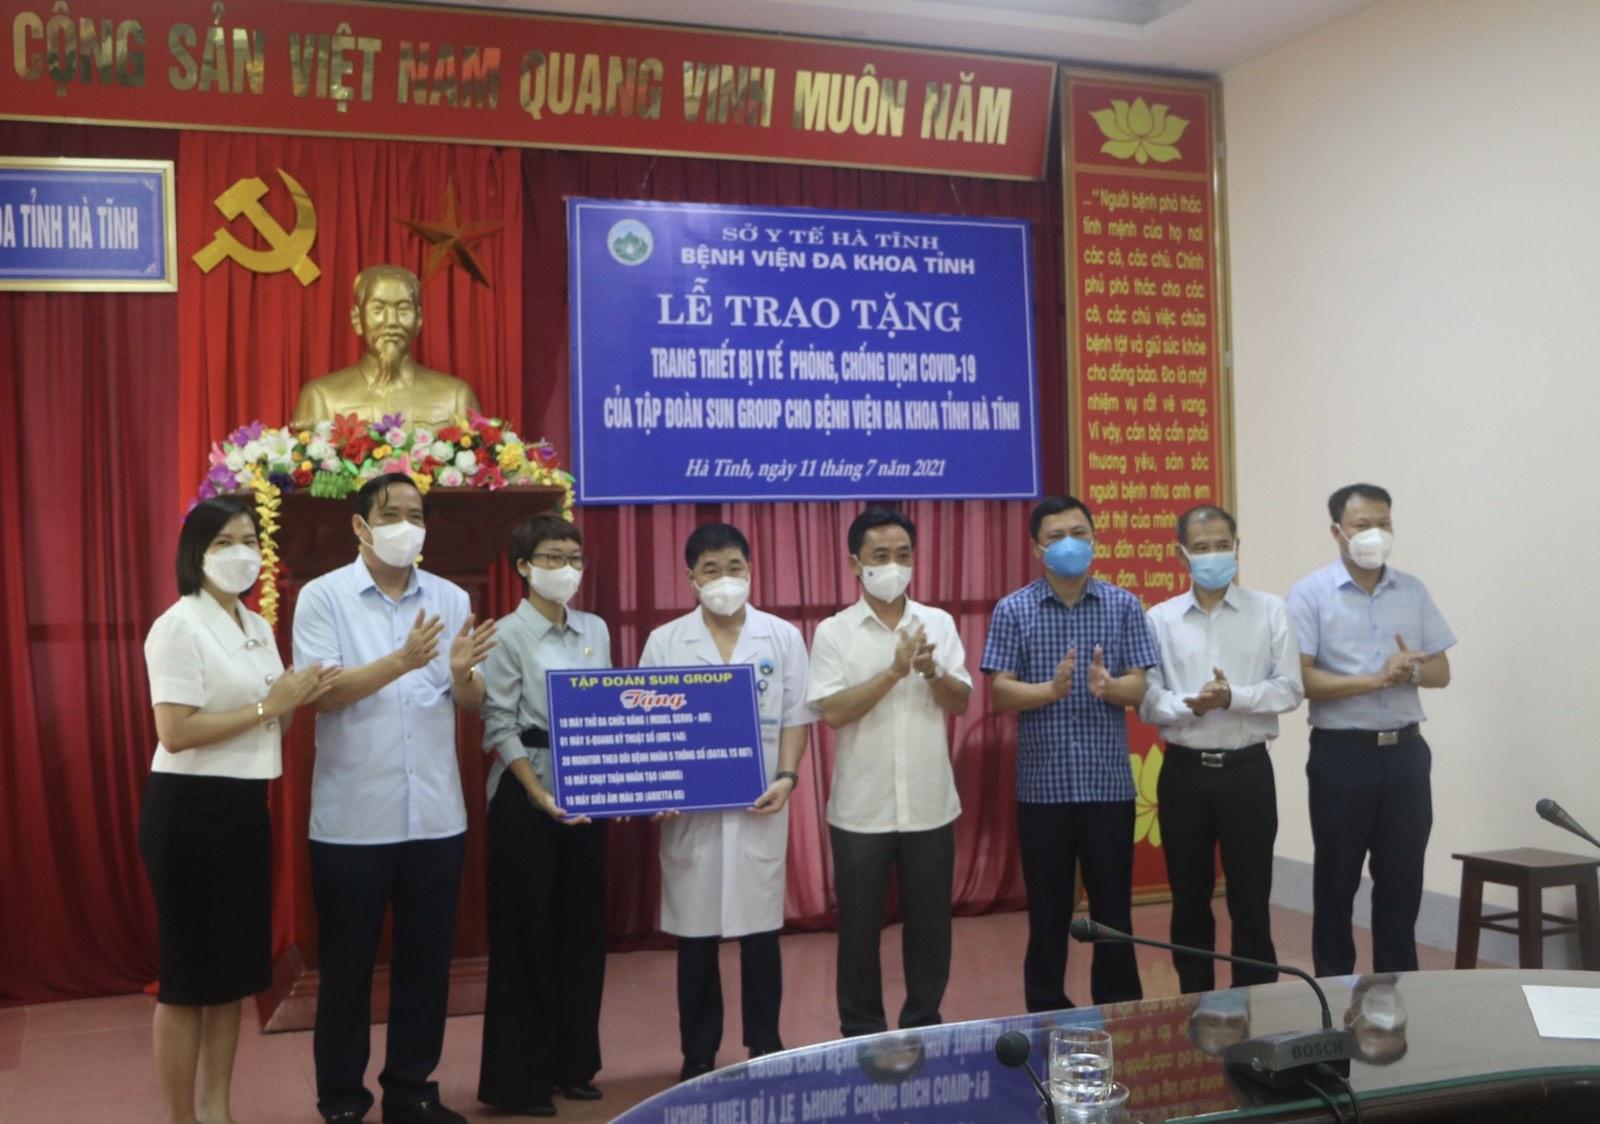 Lễ trao tặng trang thiết bị y tế phòng chống dịch Covid-19 của Sun Group cho BVĐK Hà Tĩnh (2)